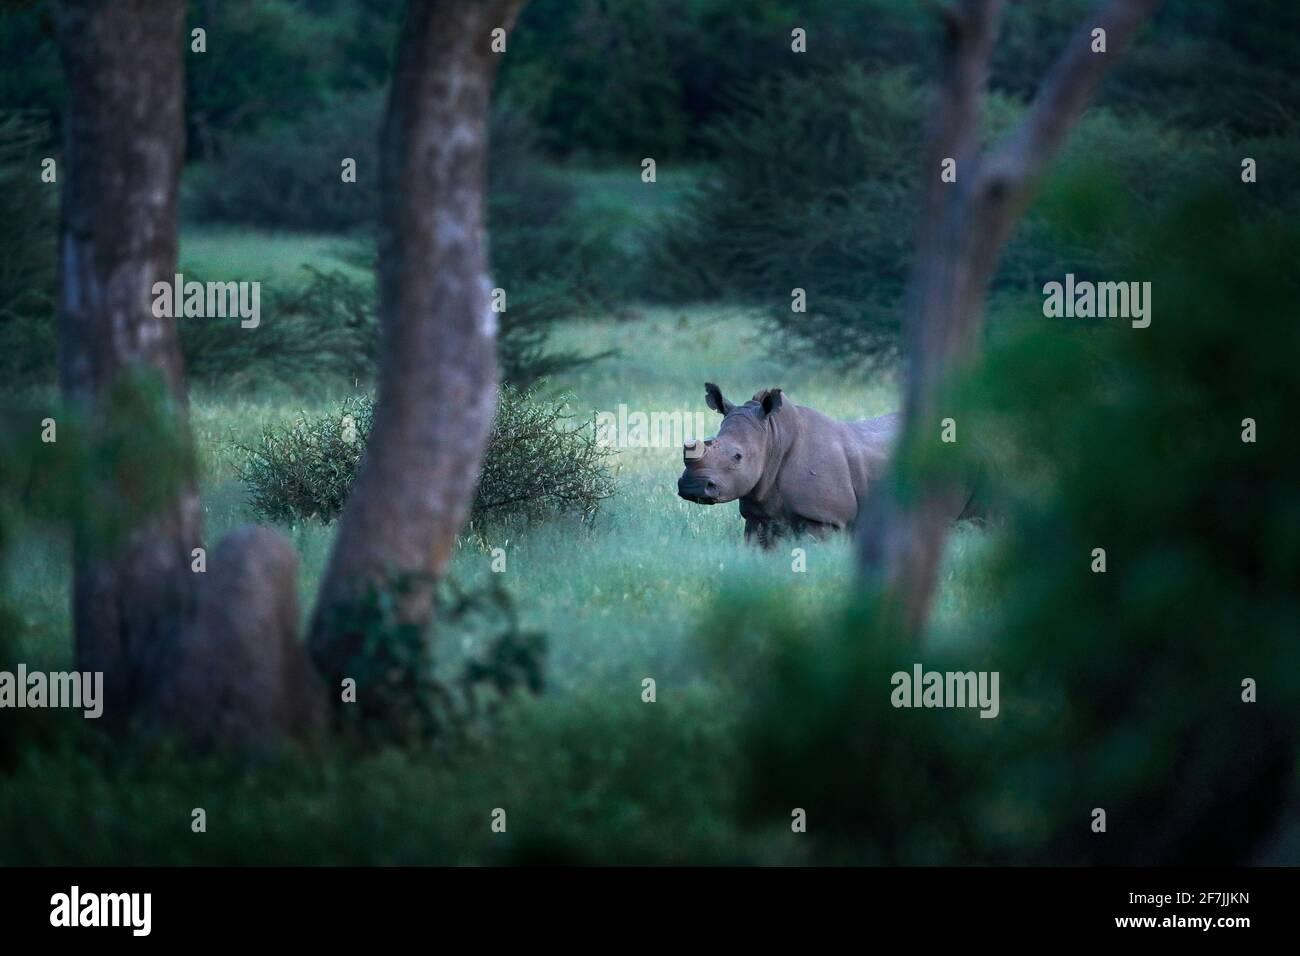 Rhino dans l'habitat forestier. Rhinocéros blancs, Ceratotherium simum, avec cornes coupées, dans l'habitat naturel, delta de l'Okavango, Botswana. Afrique. La faune et la flore Banque D'Images